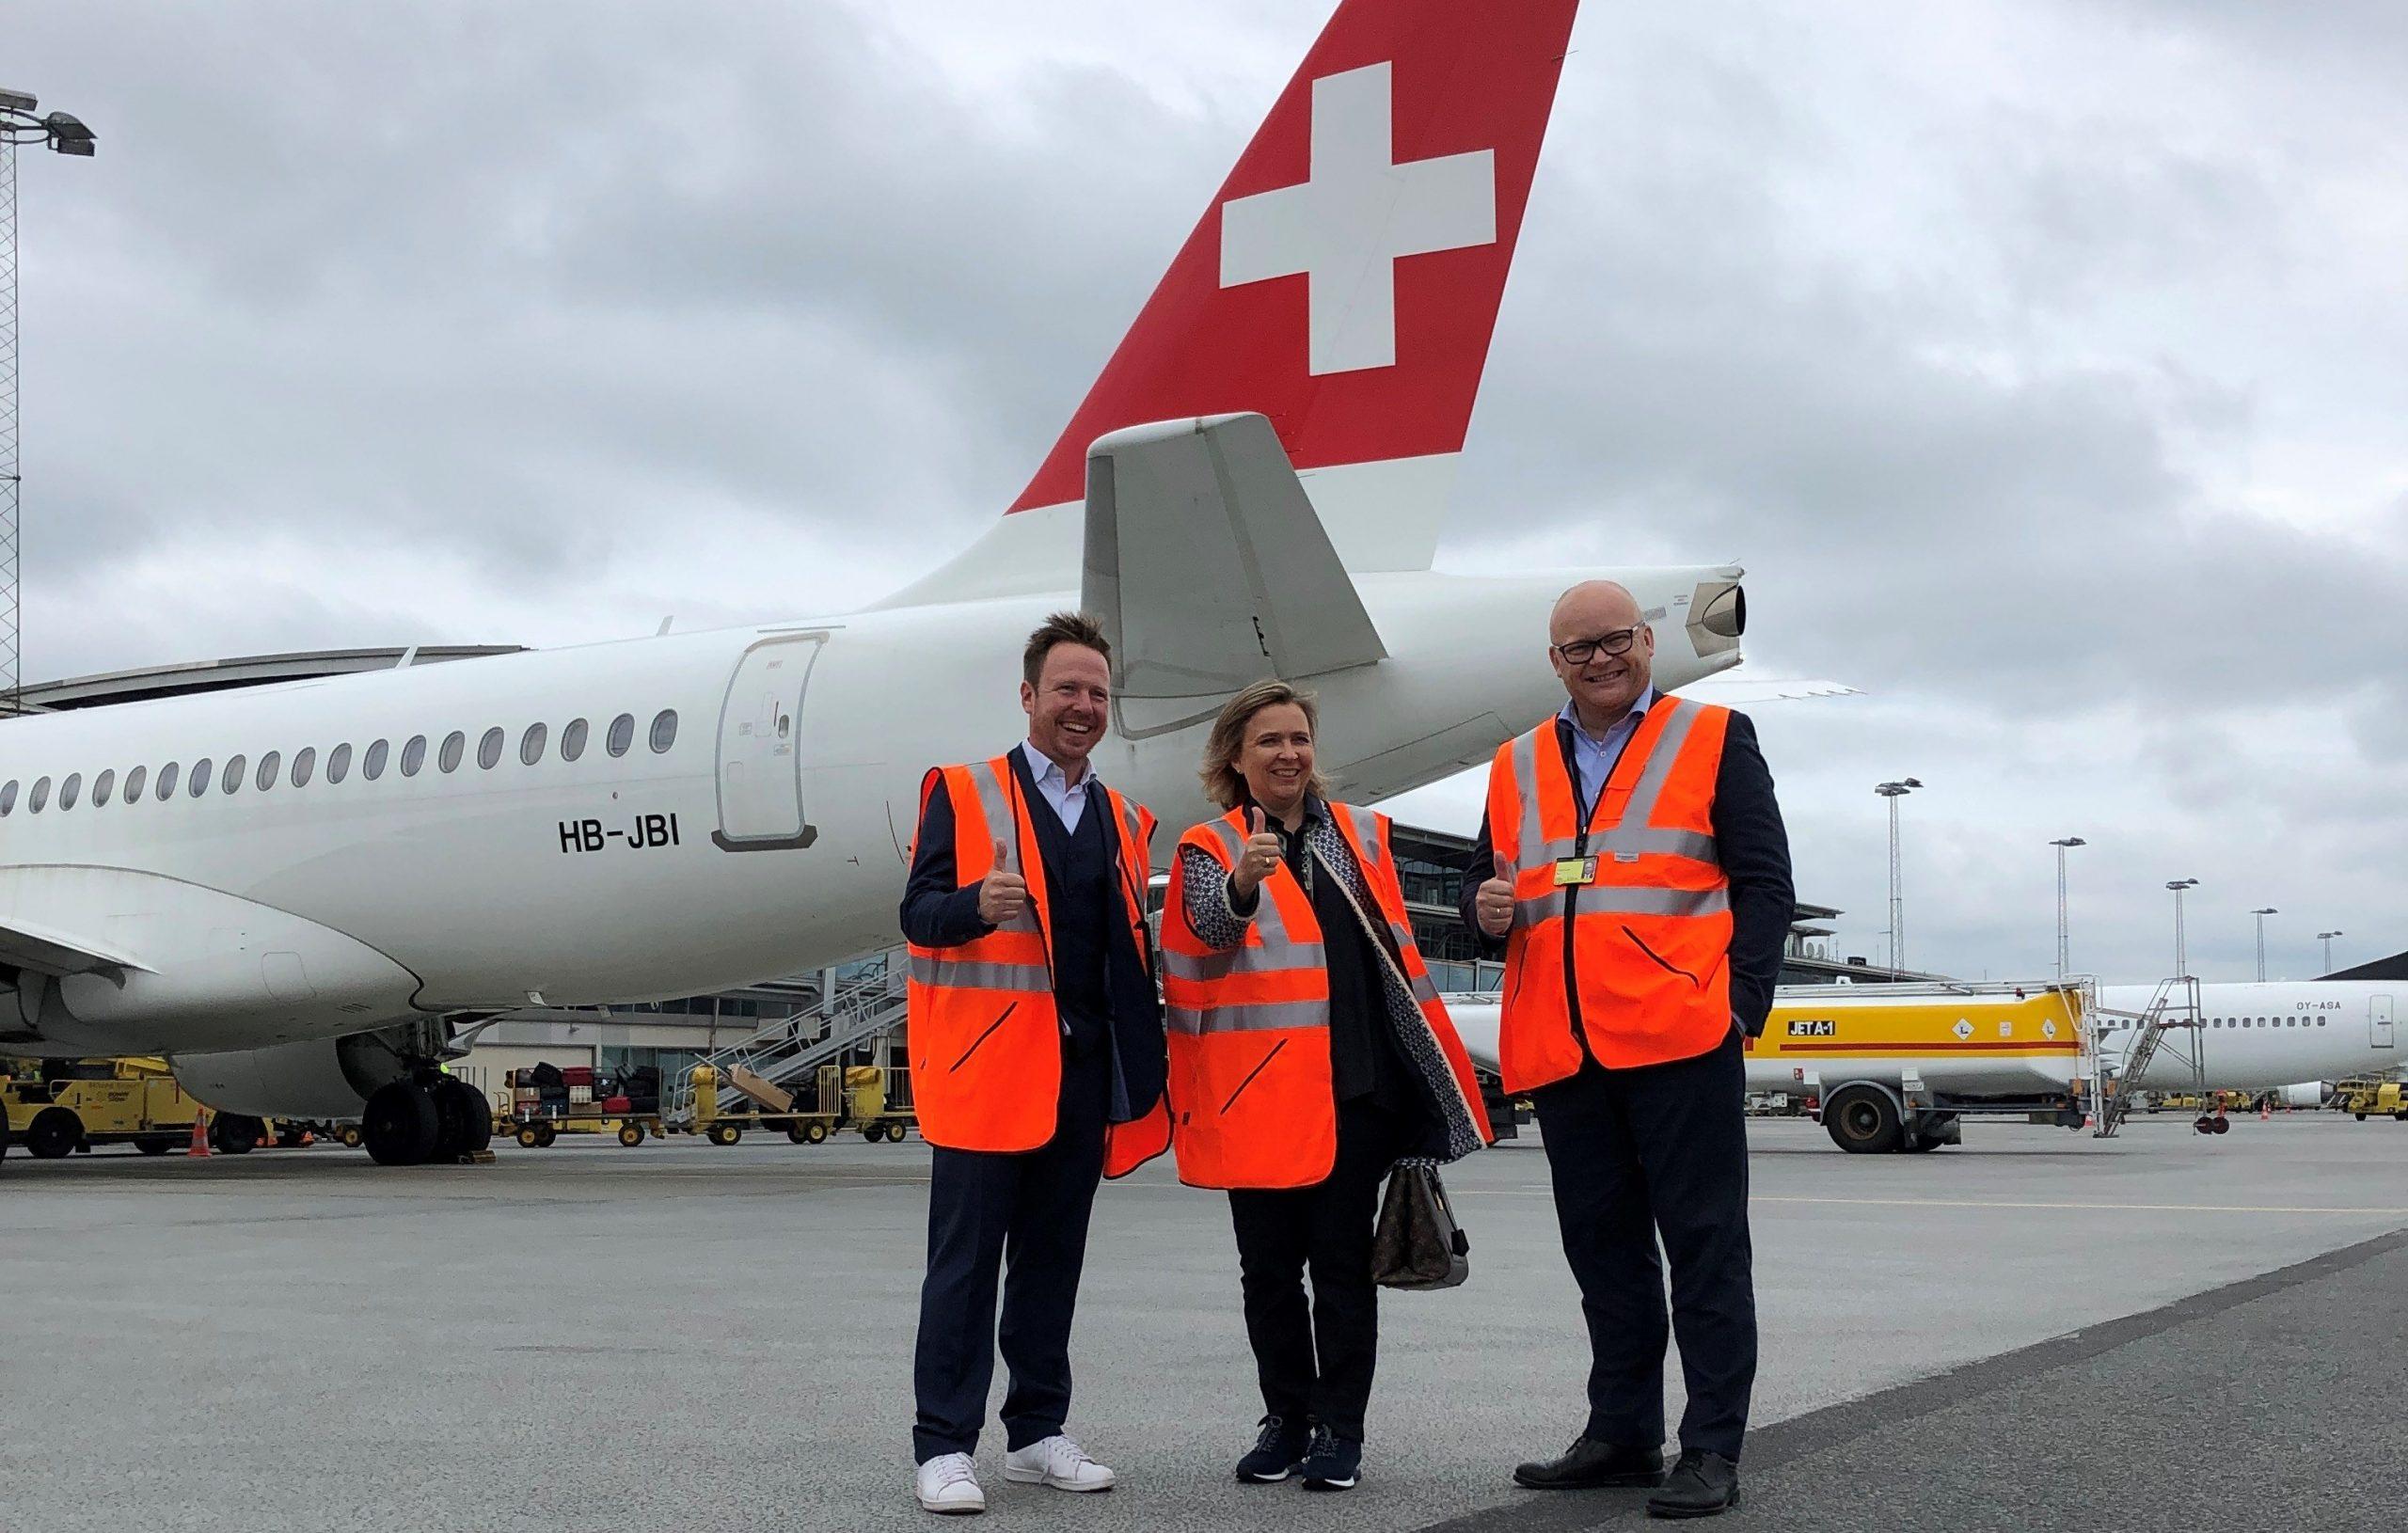 Det første SWISS-fly i Billund blev modtaget af Bastian Frantz, landechef Lufthansa Group i Danmark, ambassadør Florence Tinguely Matti og adm. direktør Jan Hessellund fra Billund Lufthavn. (Foto: Mads Bisp Agersnap)